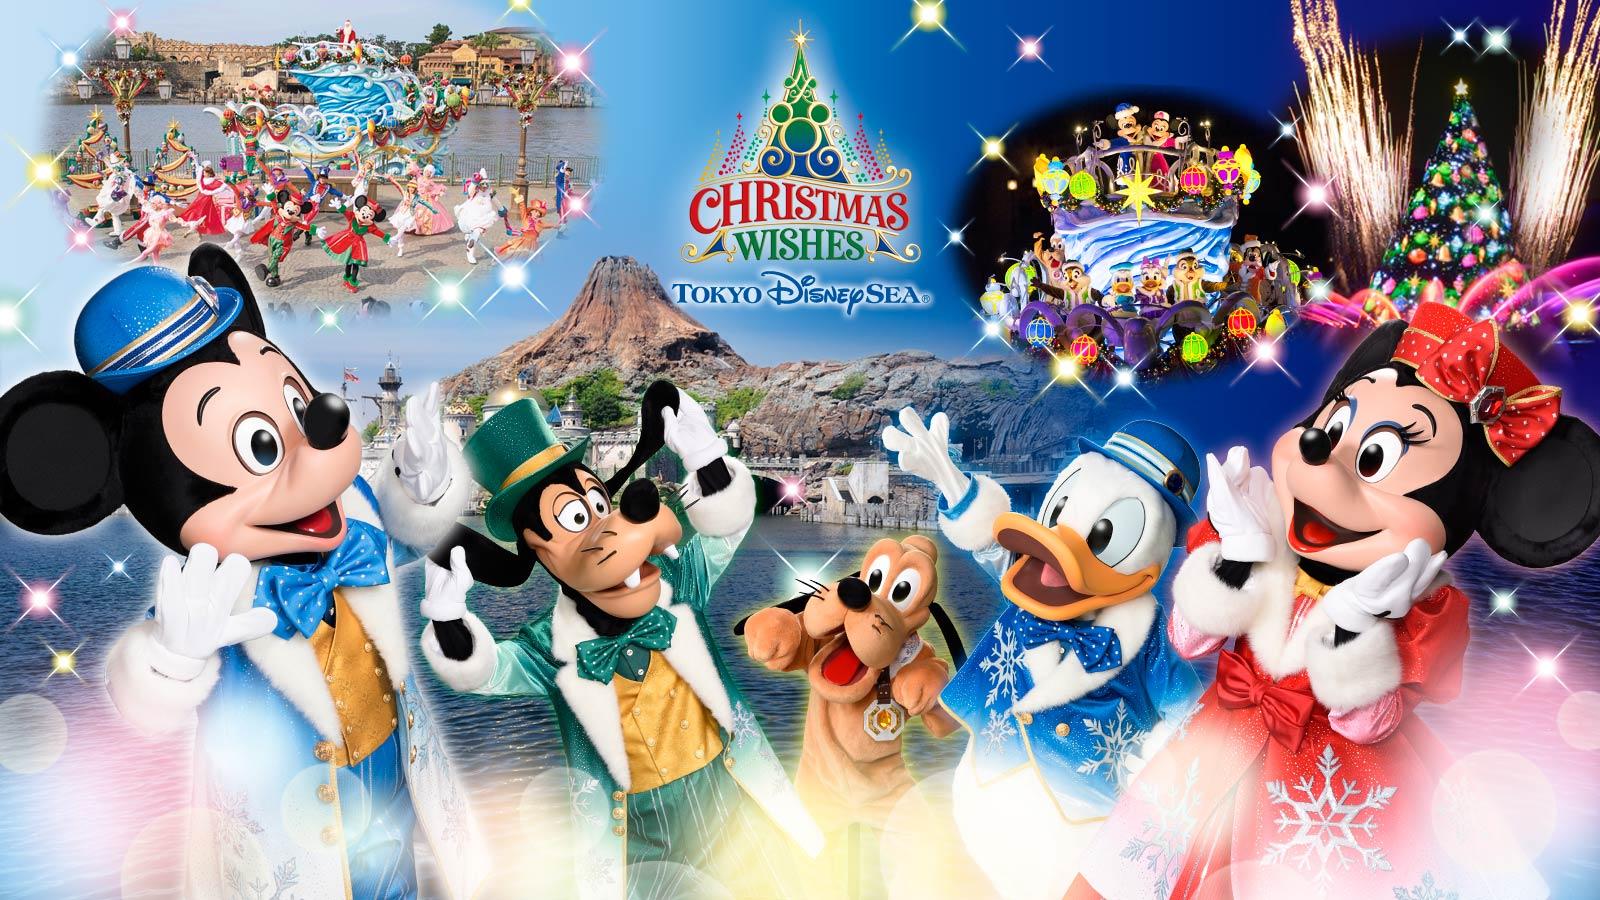 日本 東京|人生必去!在迪士尼樂園度過聖誕節